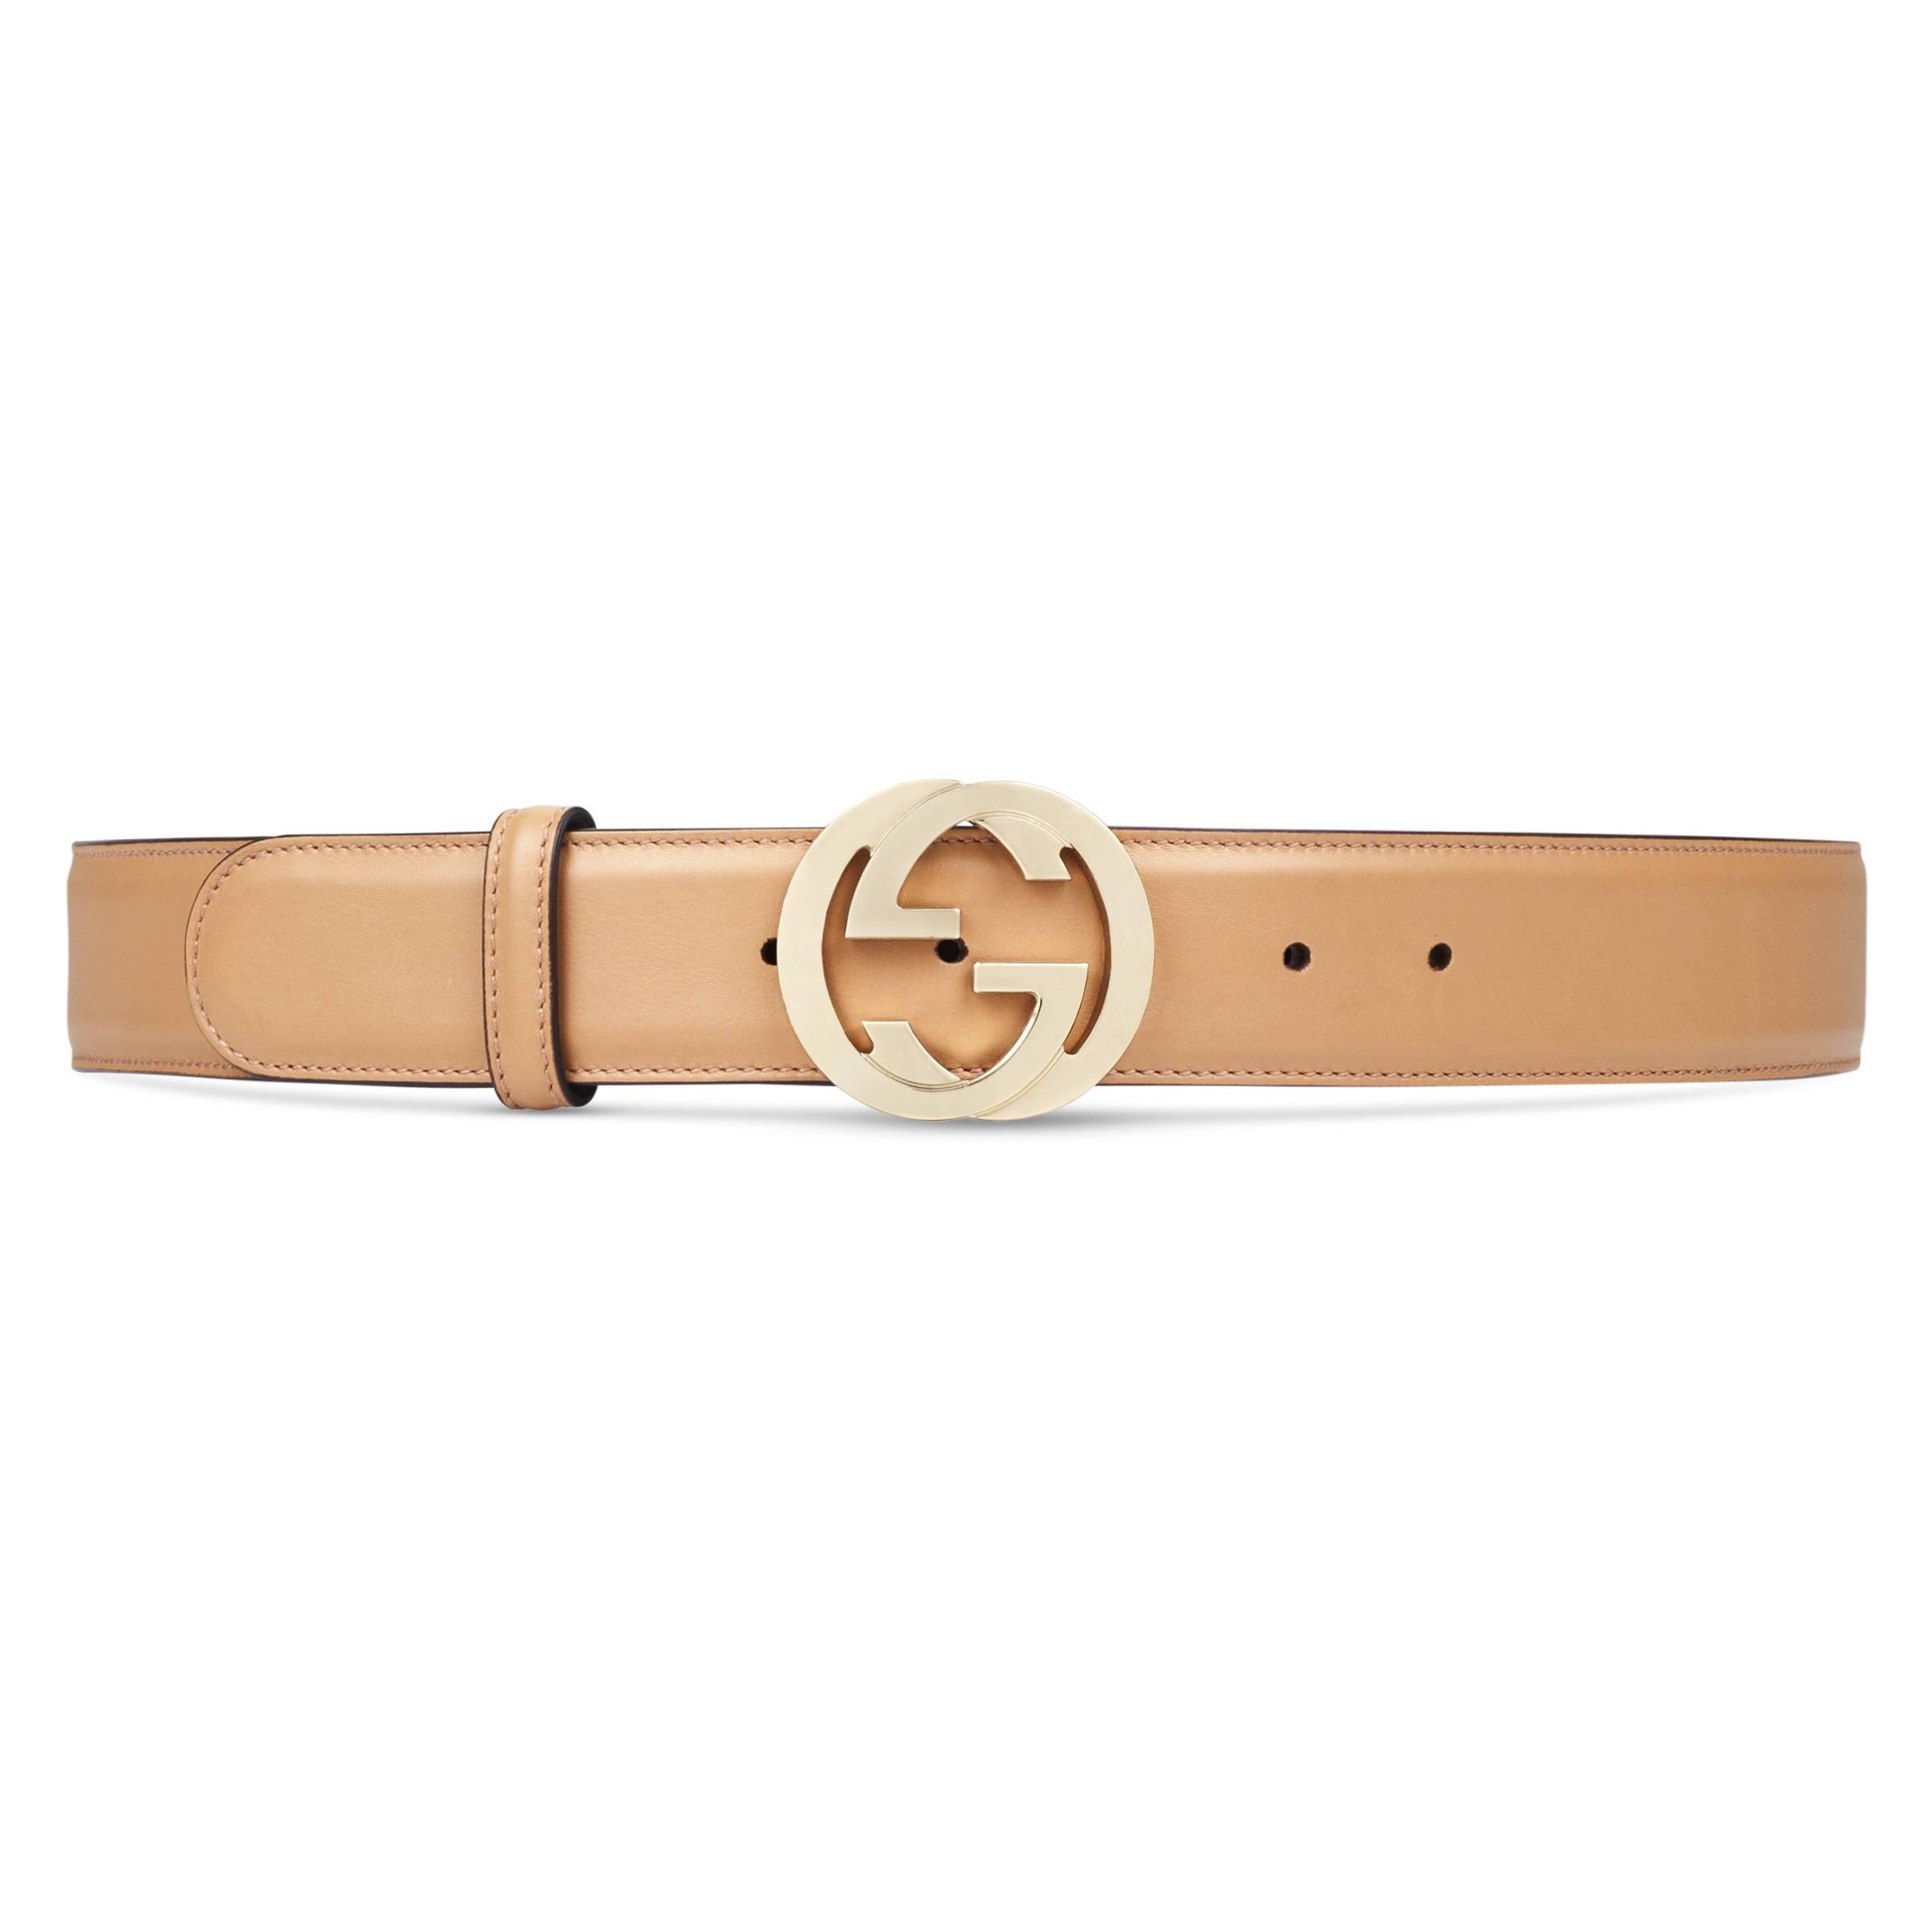 d3f17ff1b4539b Gucci Gürtel mit GG Schnalle aus Leder in Natur - Sparen Sie 8% - Lyst